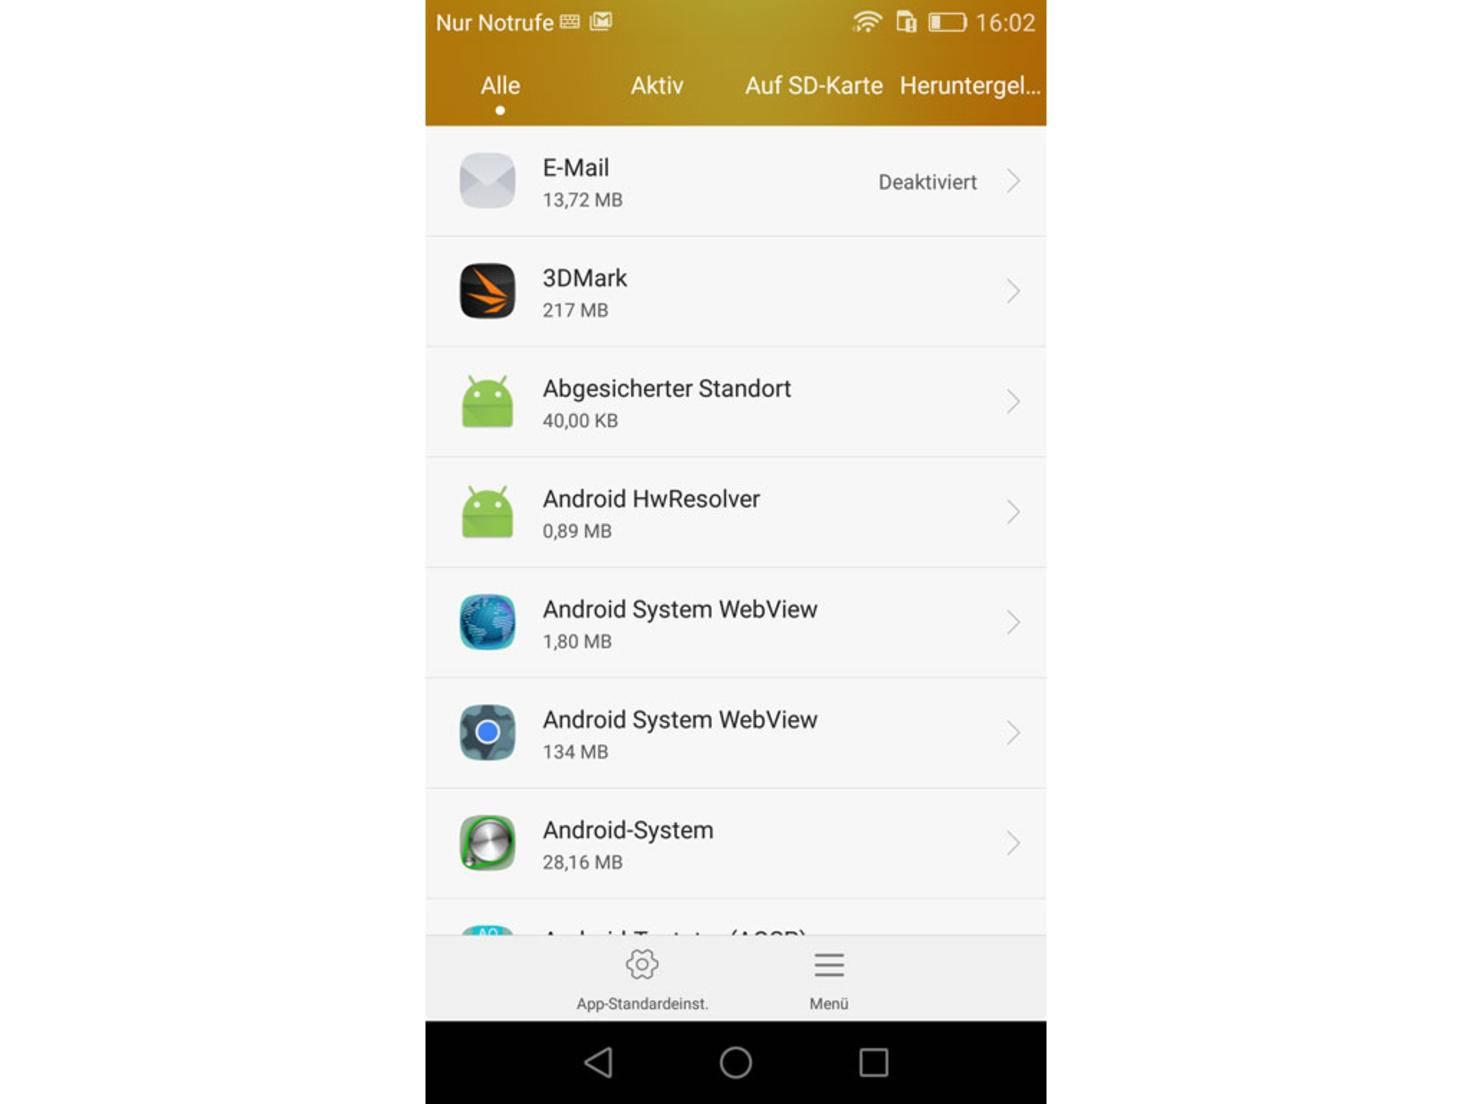 Klicke eine vorinstallierte System-App wie den Browser oder E-Mail an.